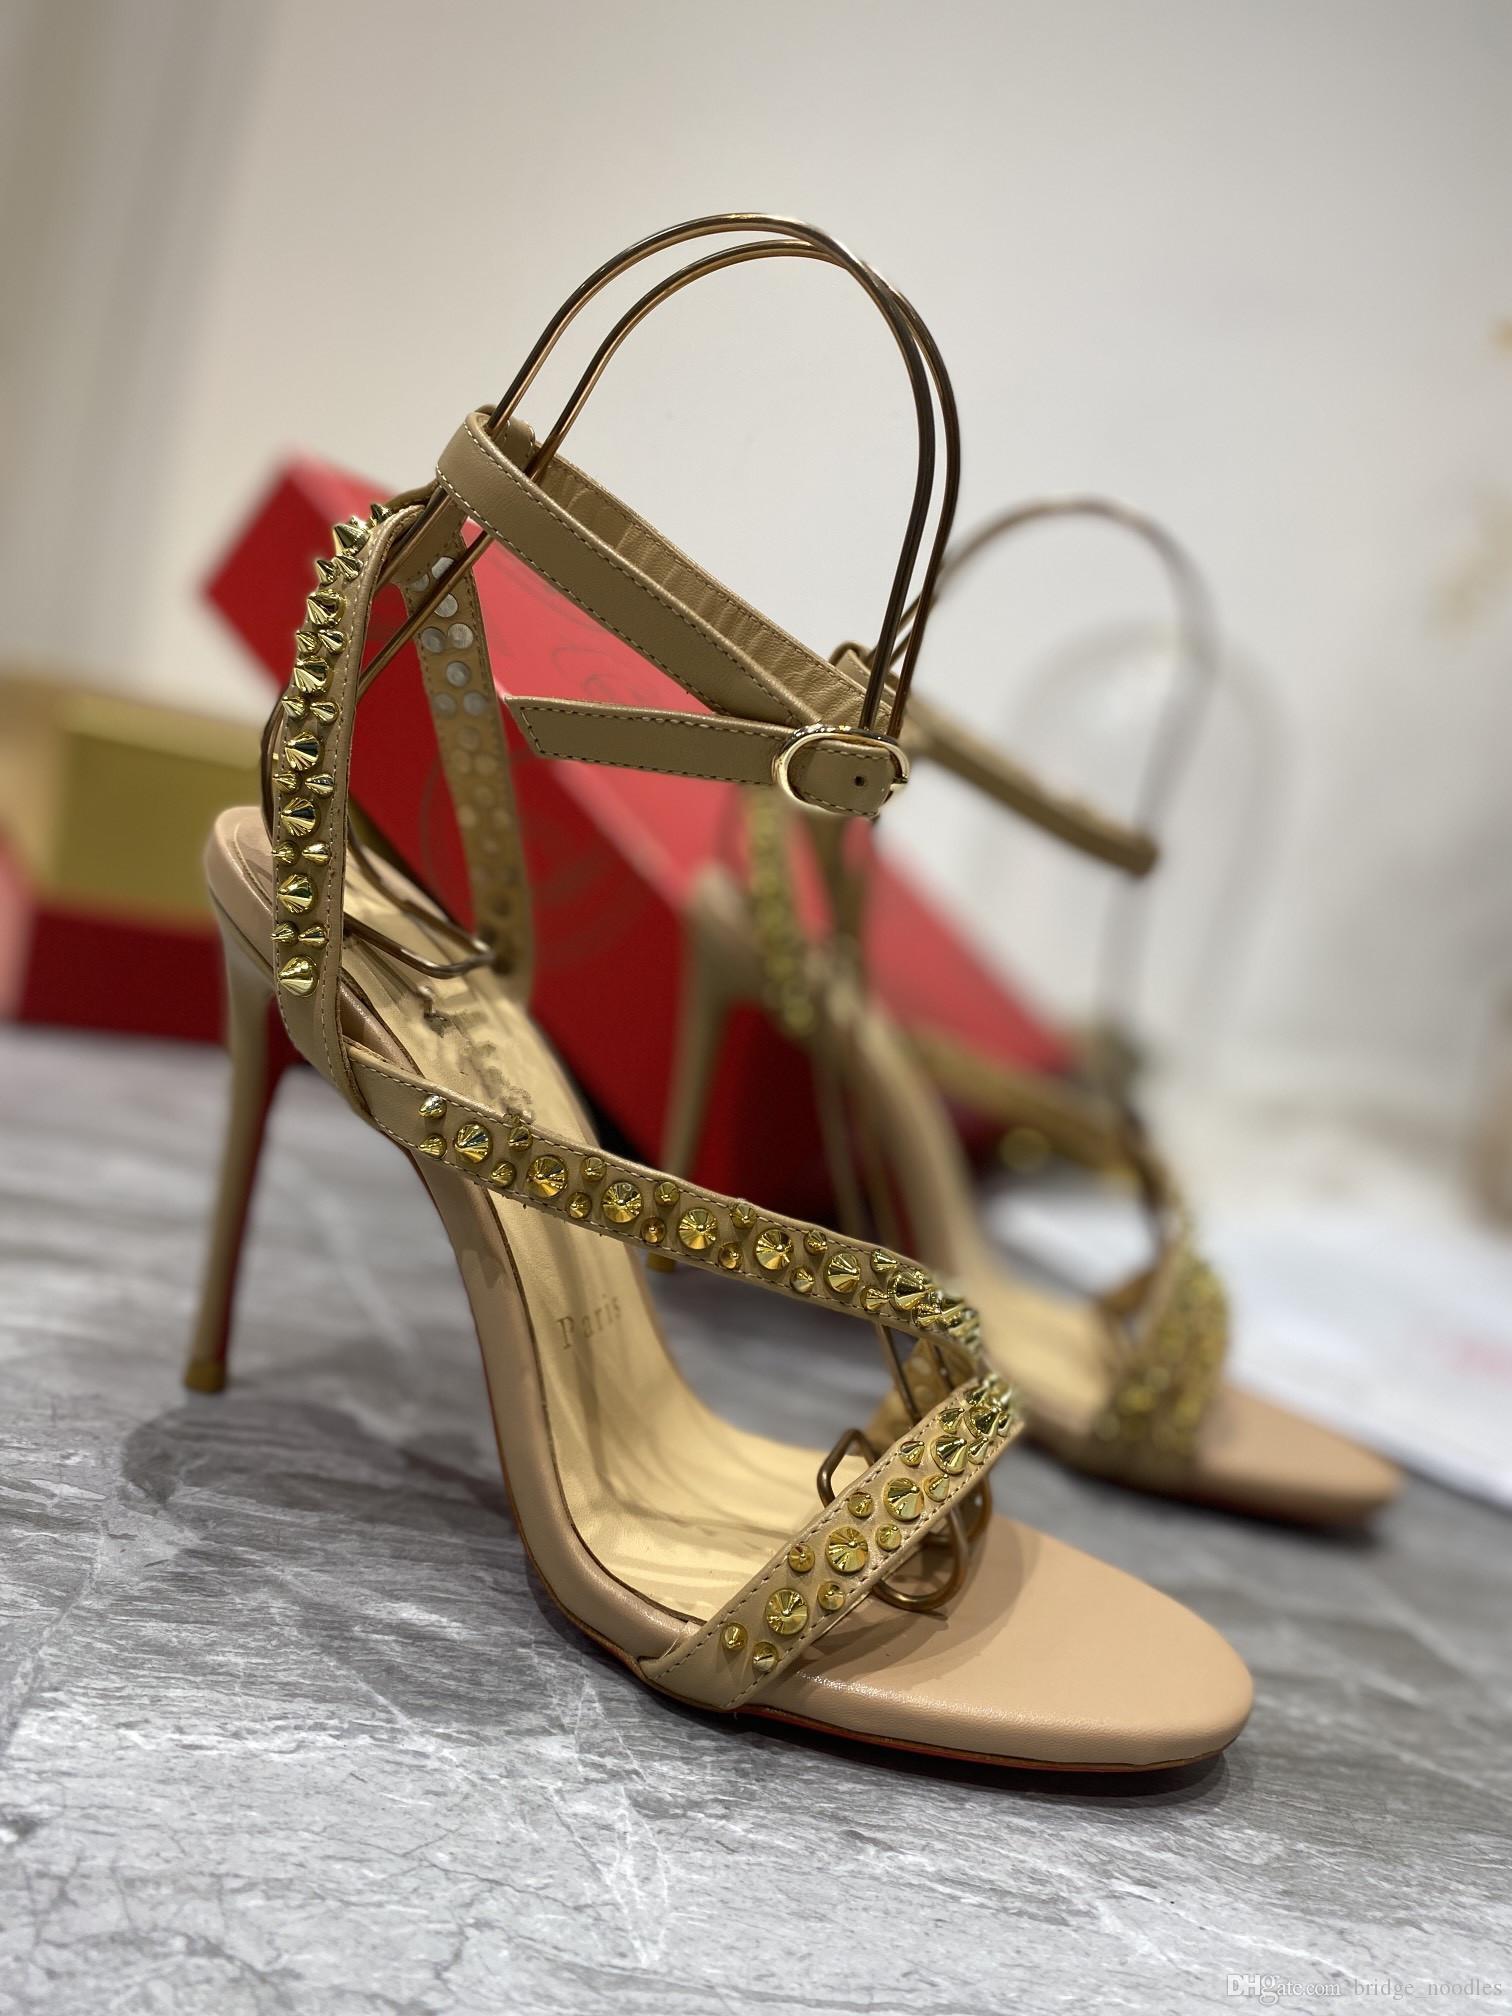 Bayan Ayakkabı Kırmızı Outsole Kadınlar için Yüksek Topuklu Sandal Yüksek Topuk Sandalet Ziyketleri, Düğünler, Profesyonel Eğlence Moda Klasik Renk: Çıplak